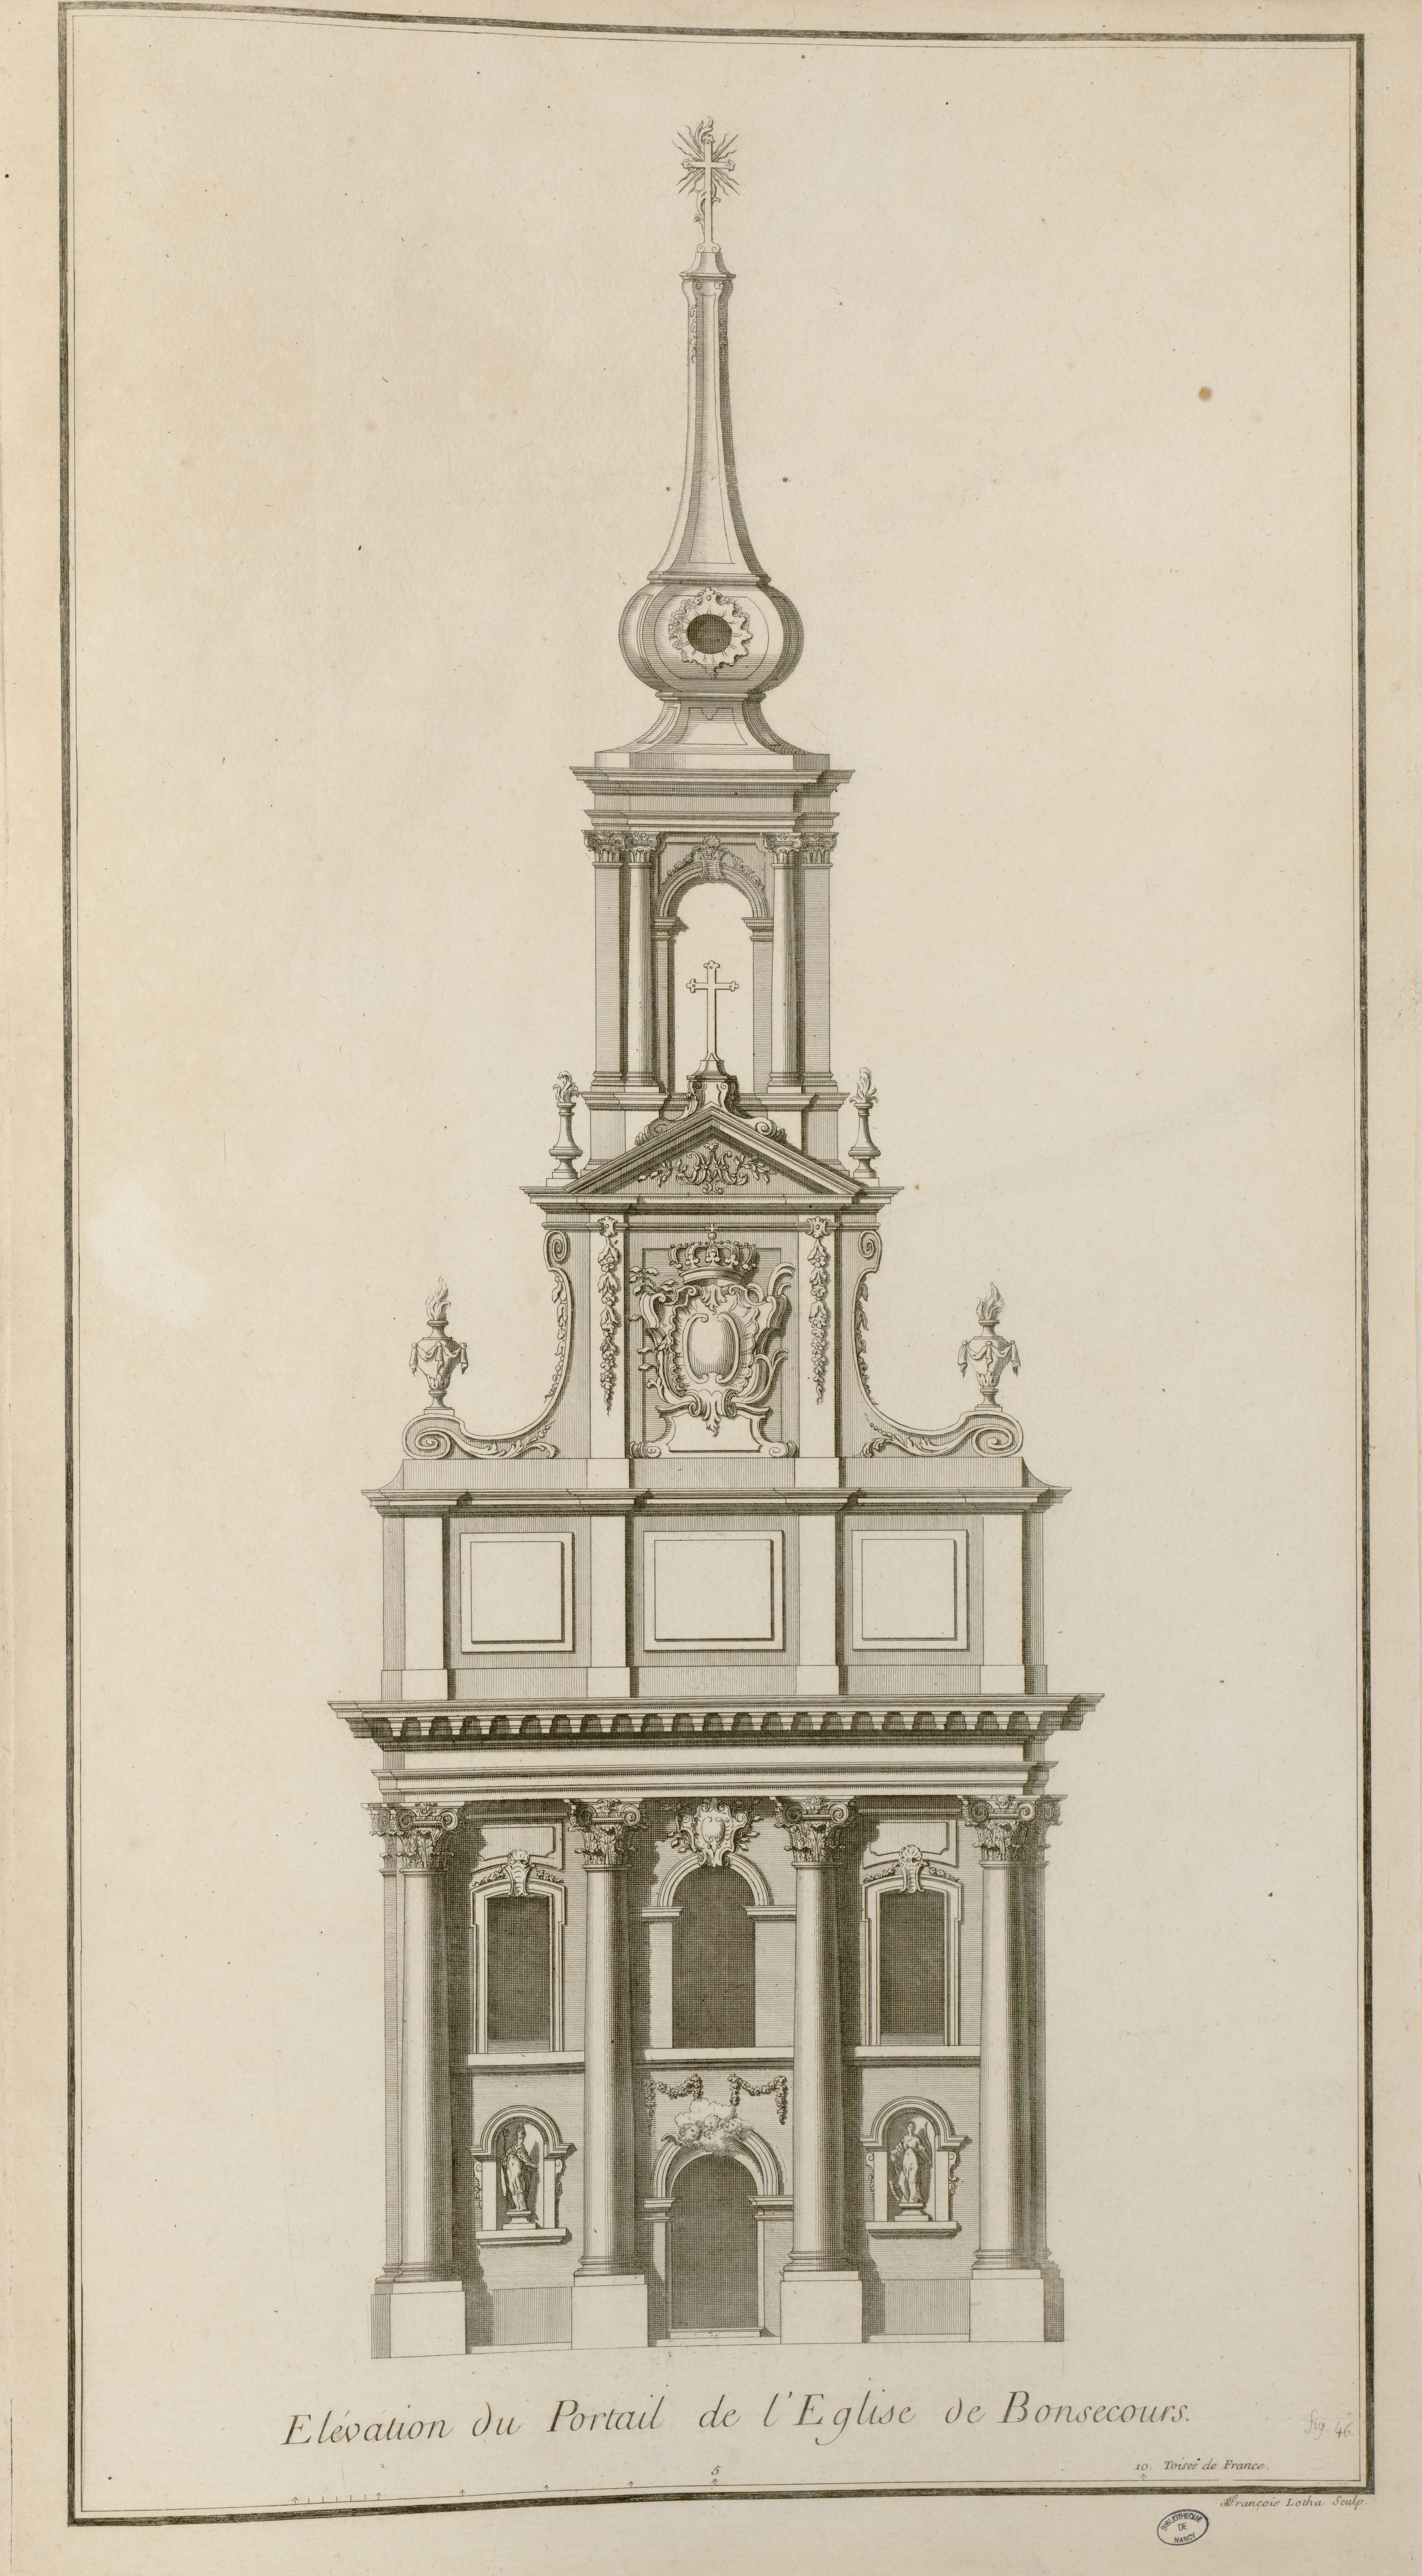 Contenu du Élévation du portail de l'église de Bonsecours